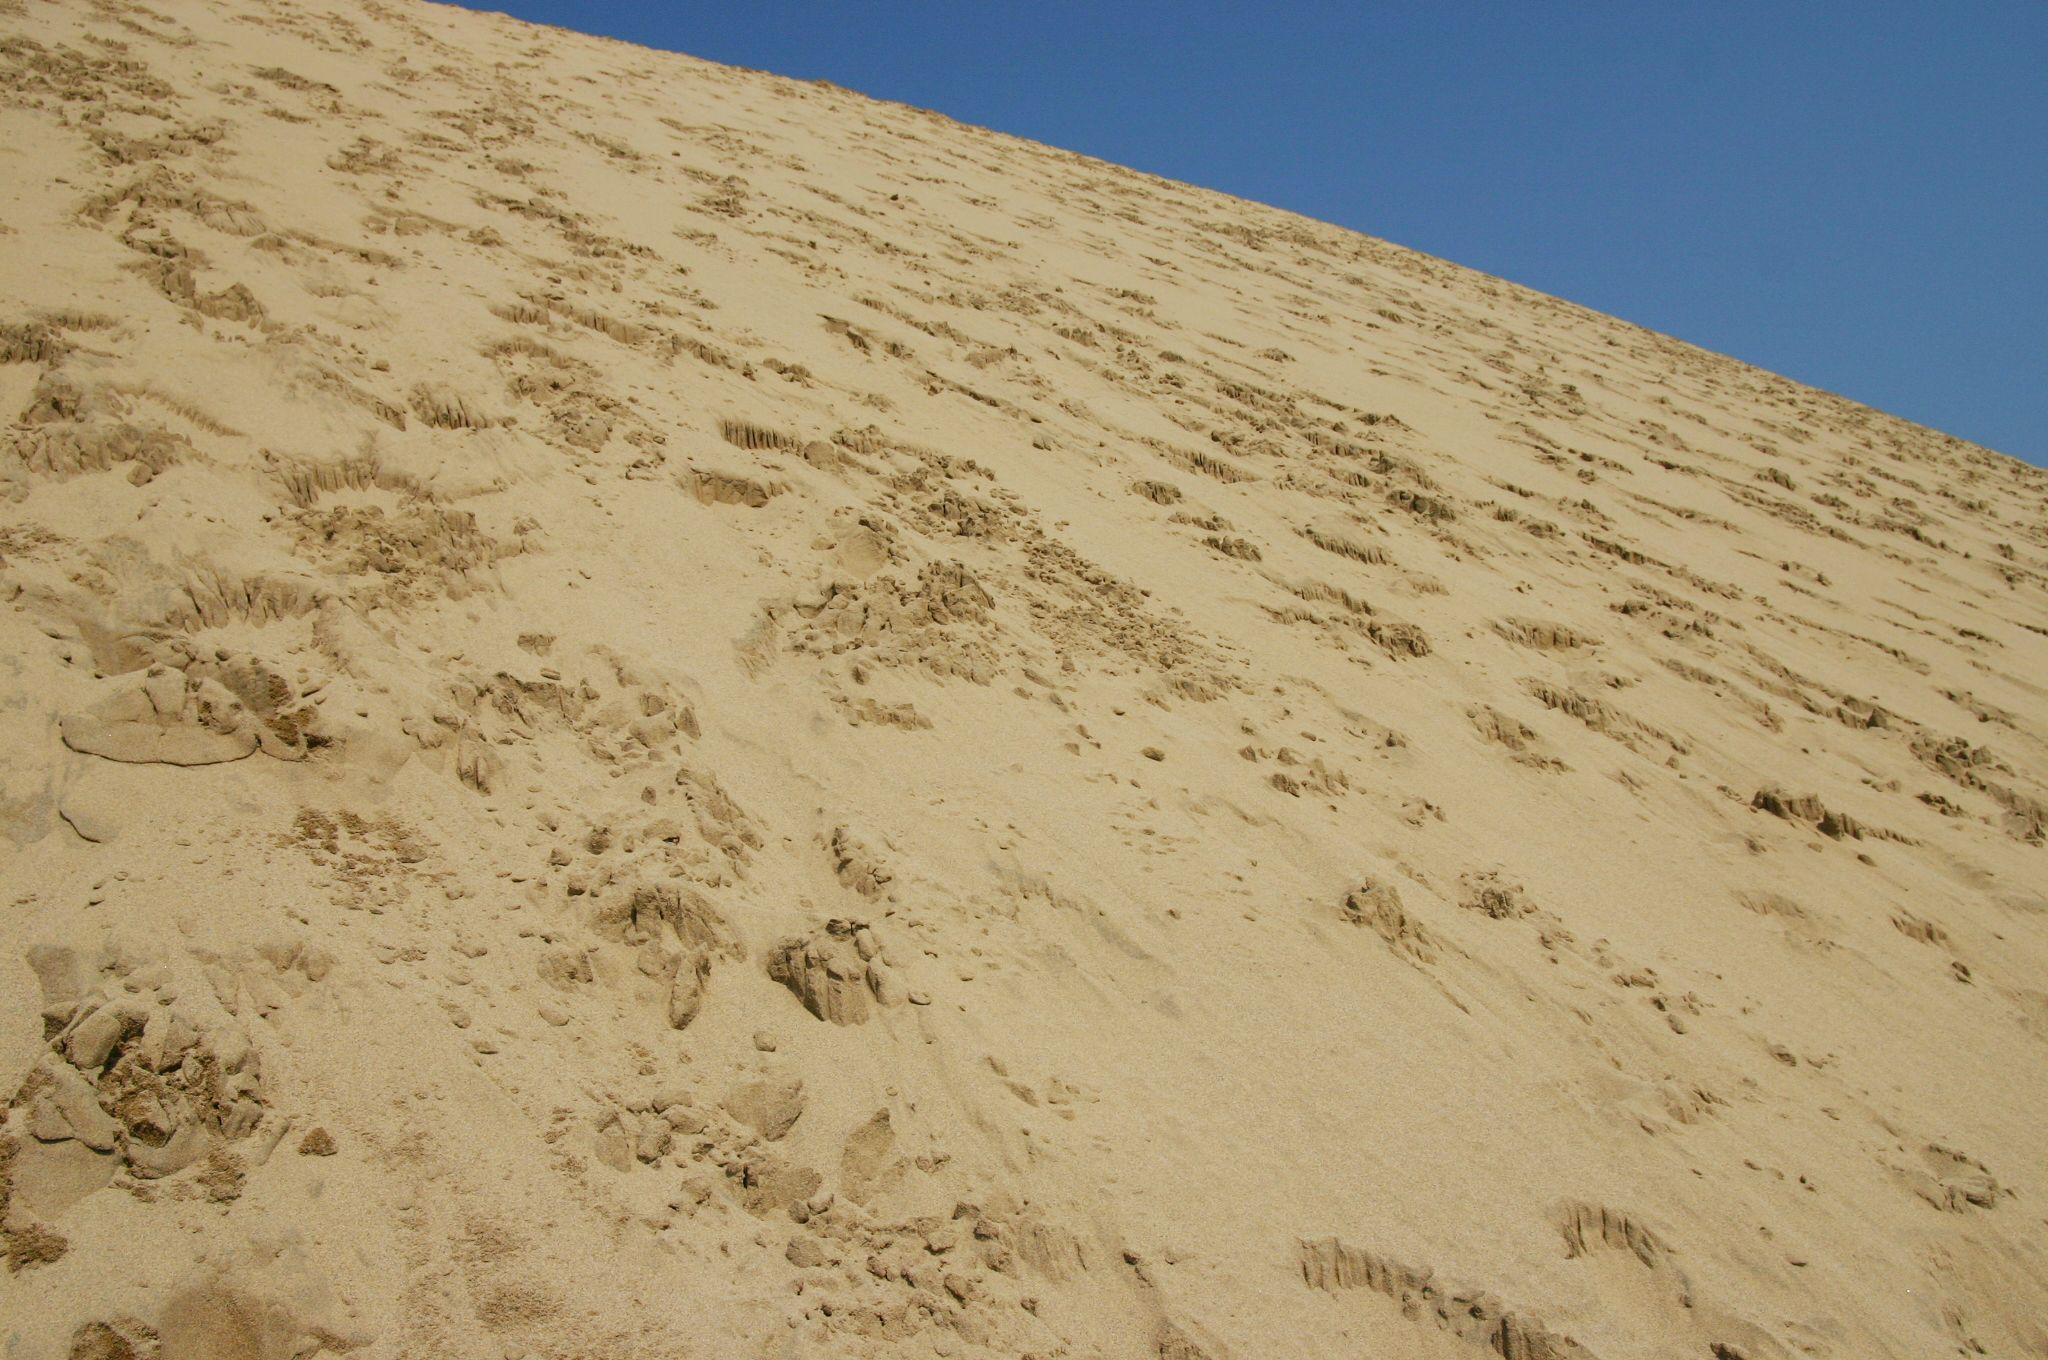 鳥取砂丘の足跡